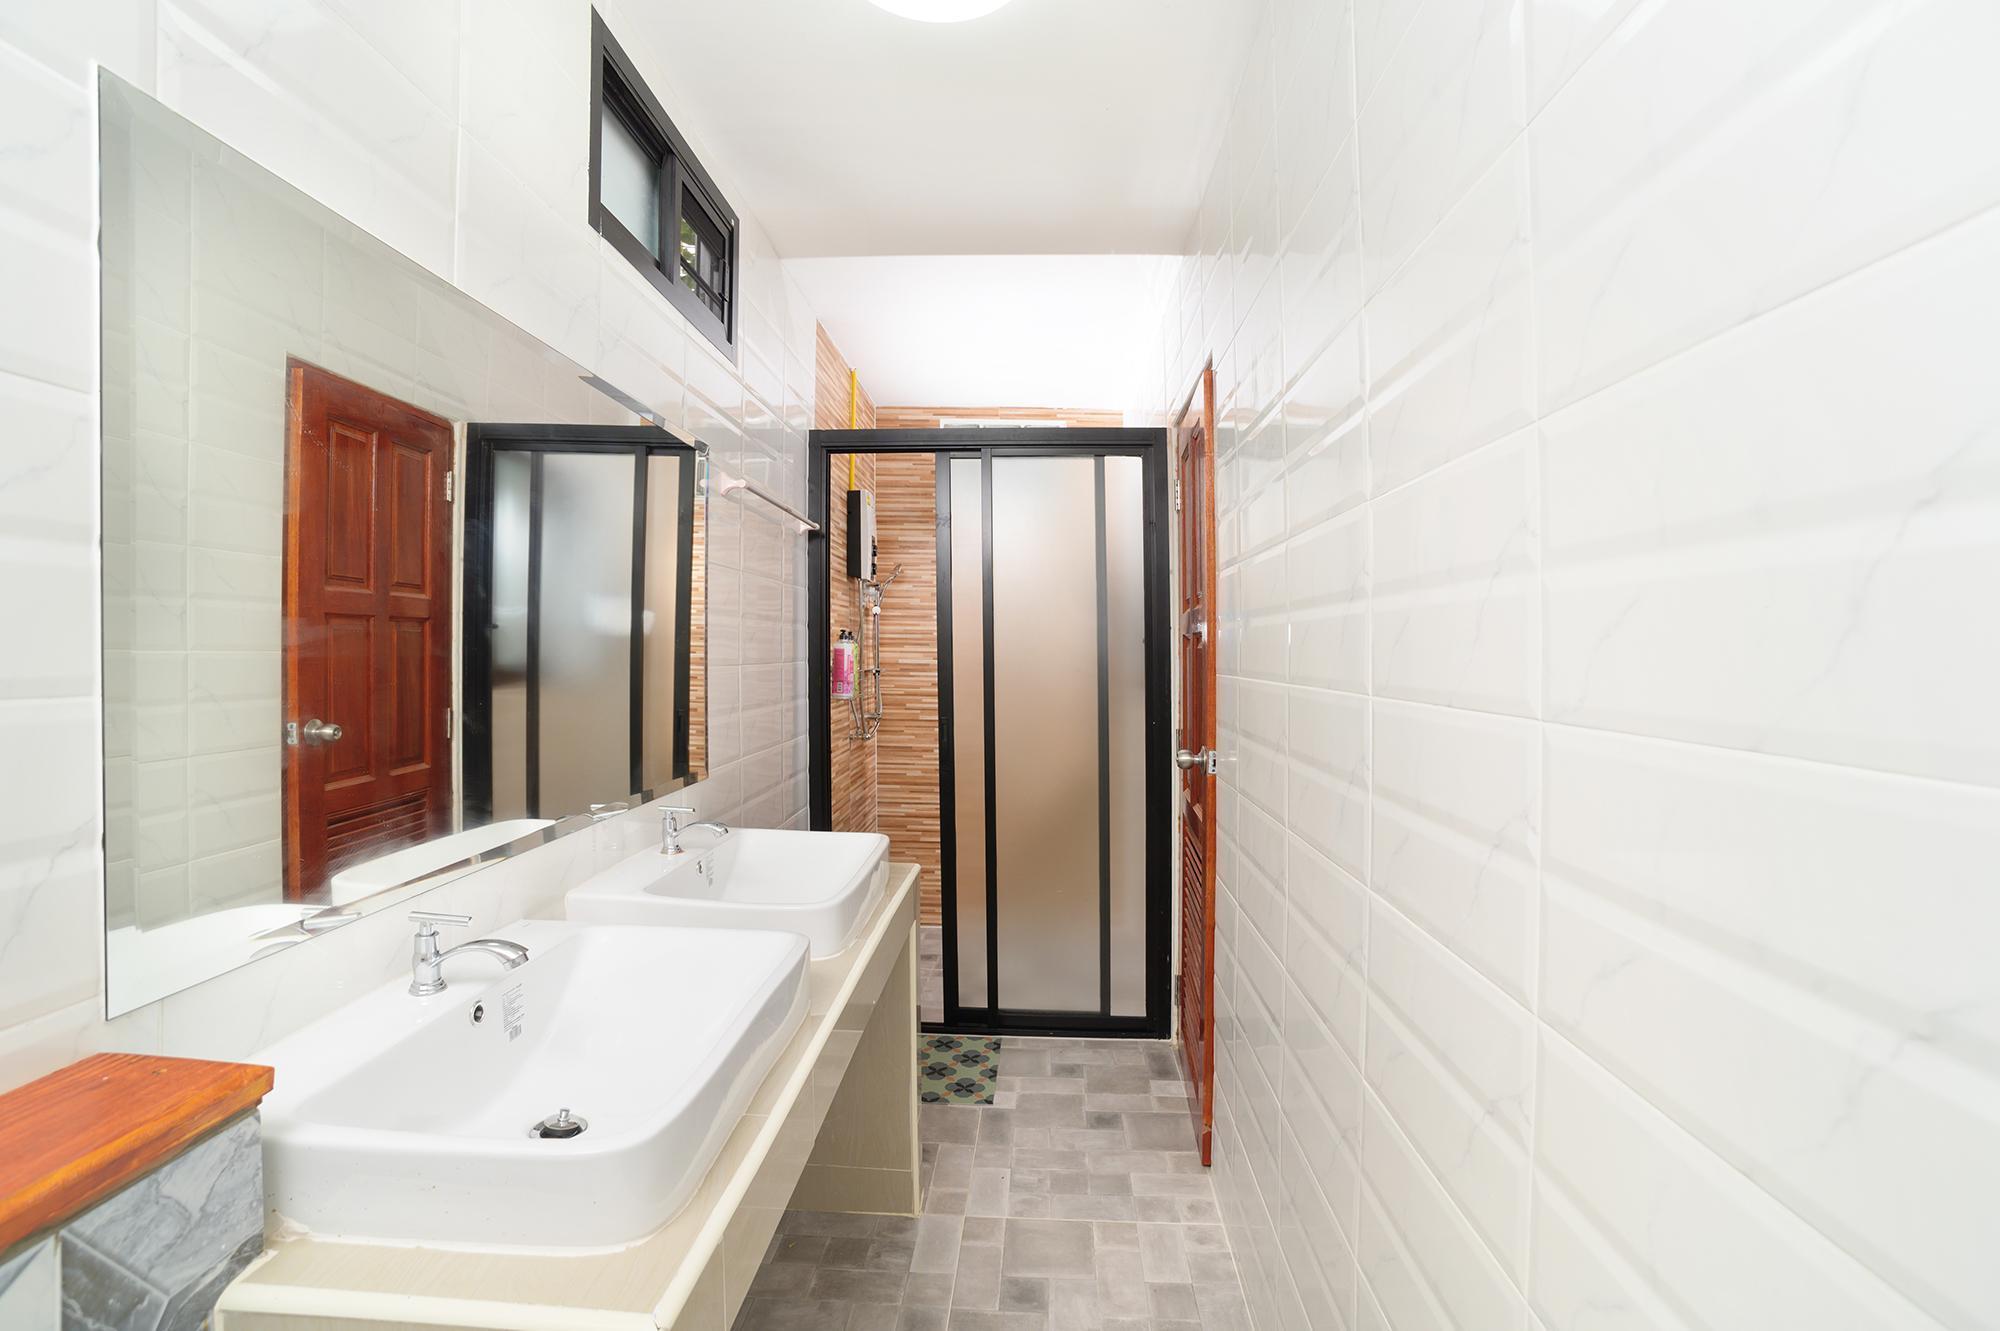 Luipu Pool Villa@Thapae บังกะโล 4 ห้องนอน 4 ห้องน้ำส่วนตัว ขนาด 300 ตร.ม. – ท่าแพ